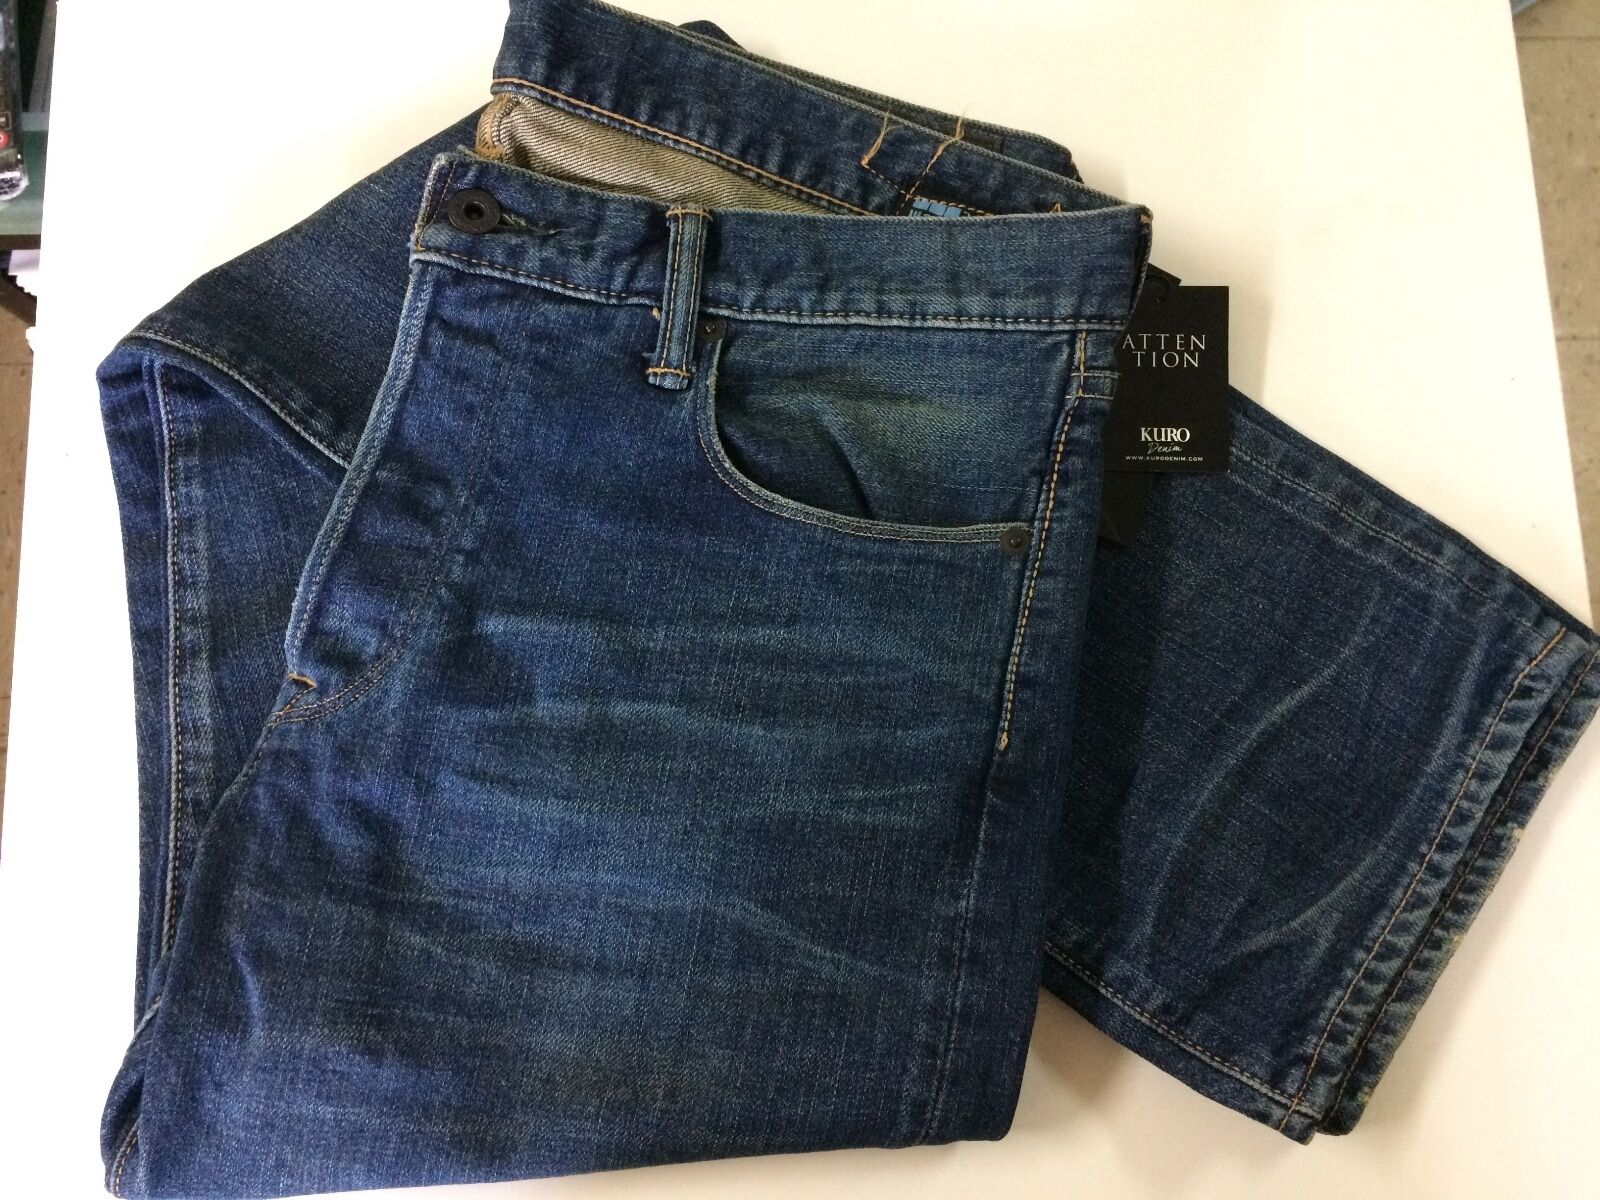 Kuro diamante vintage jeans, + made in Japan KURO Okayama Japan